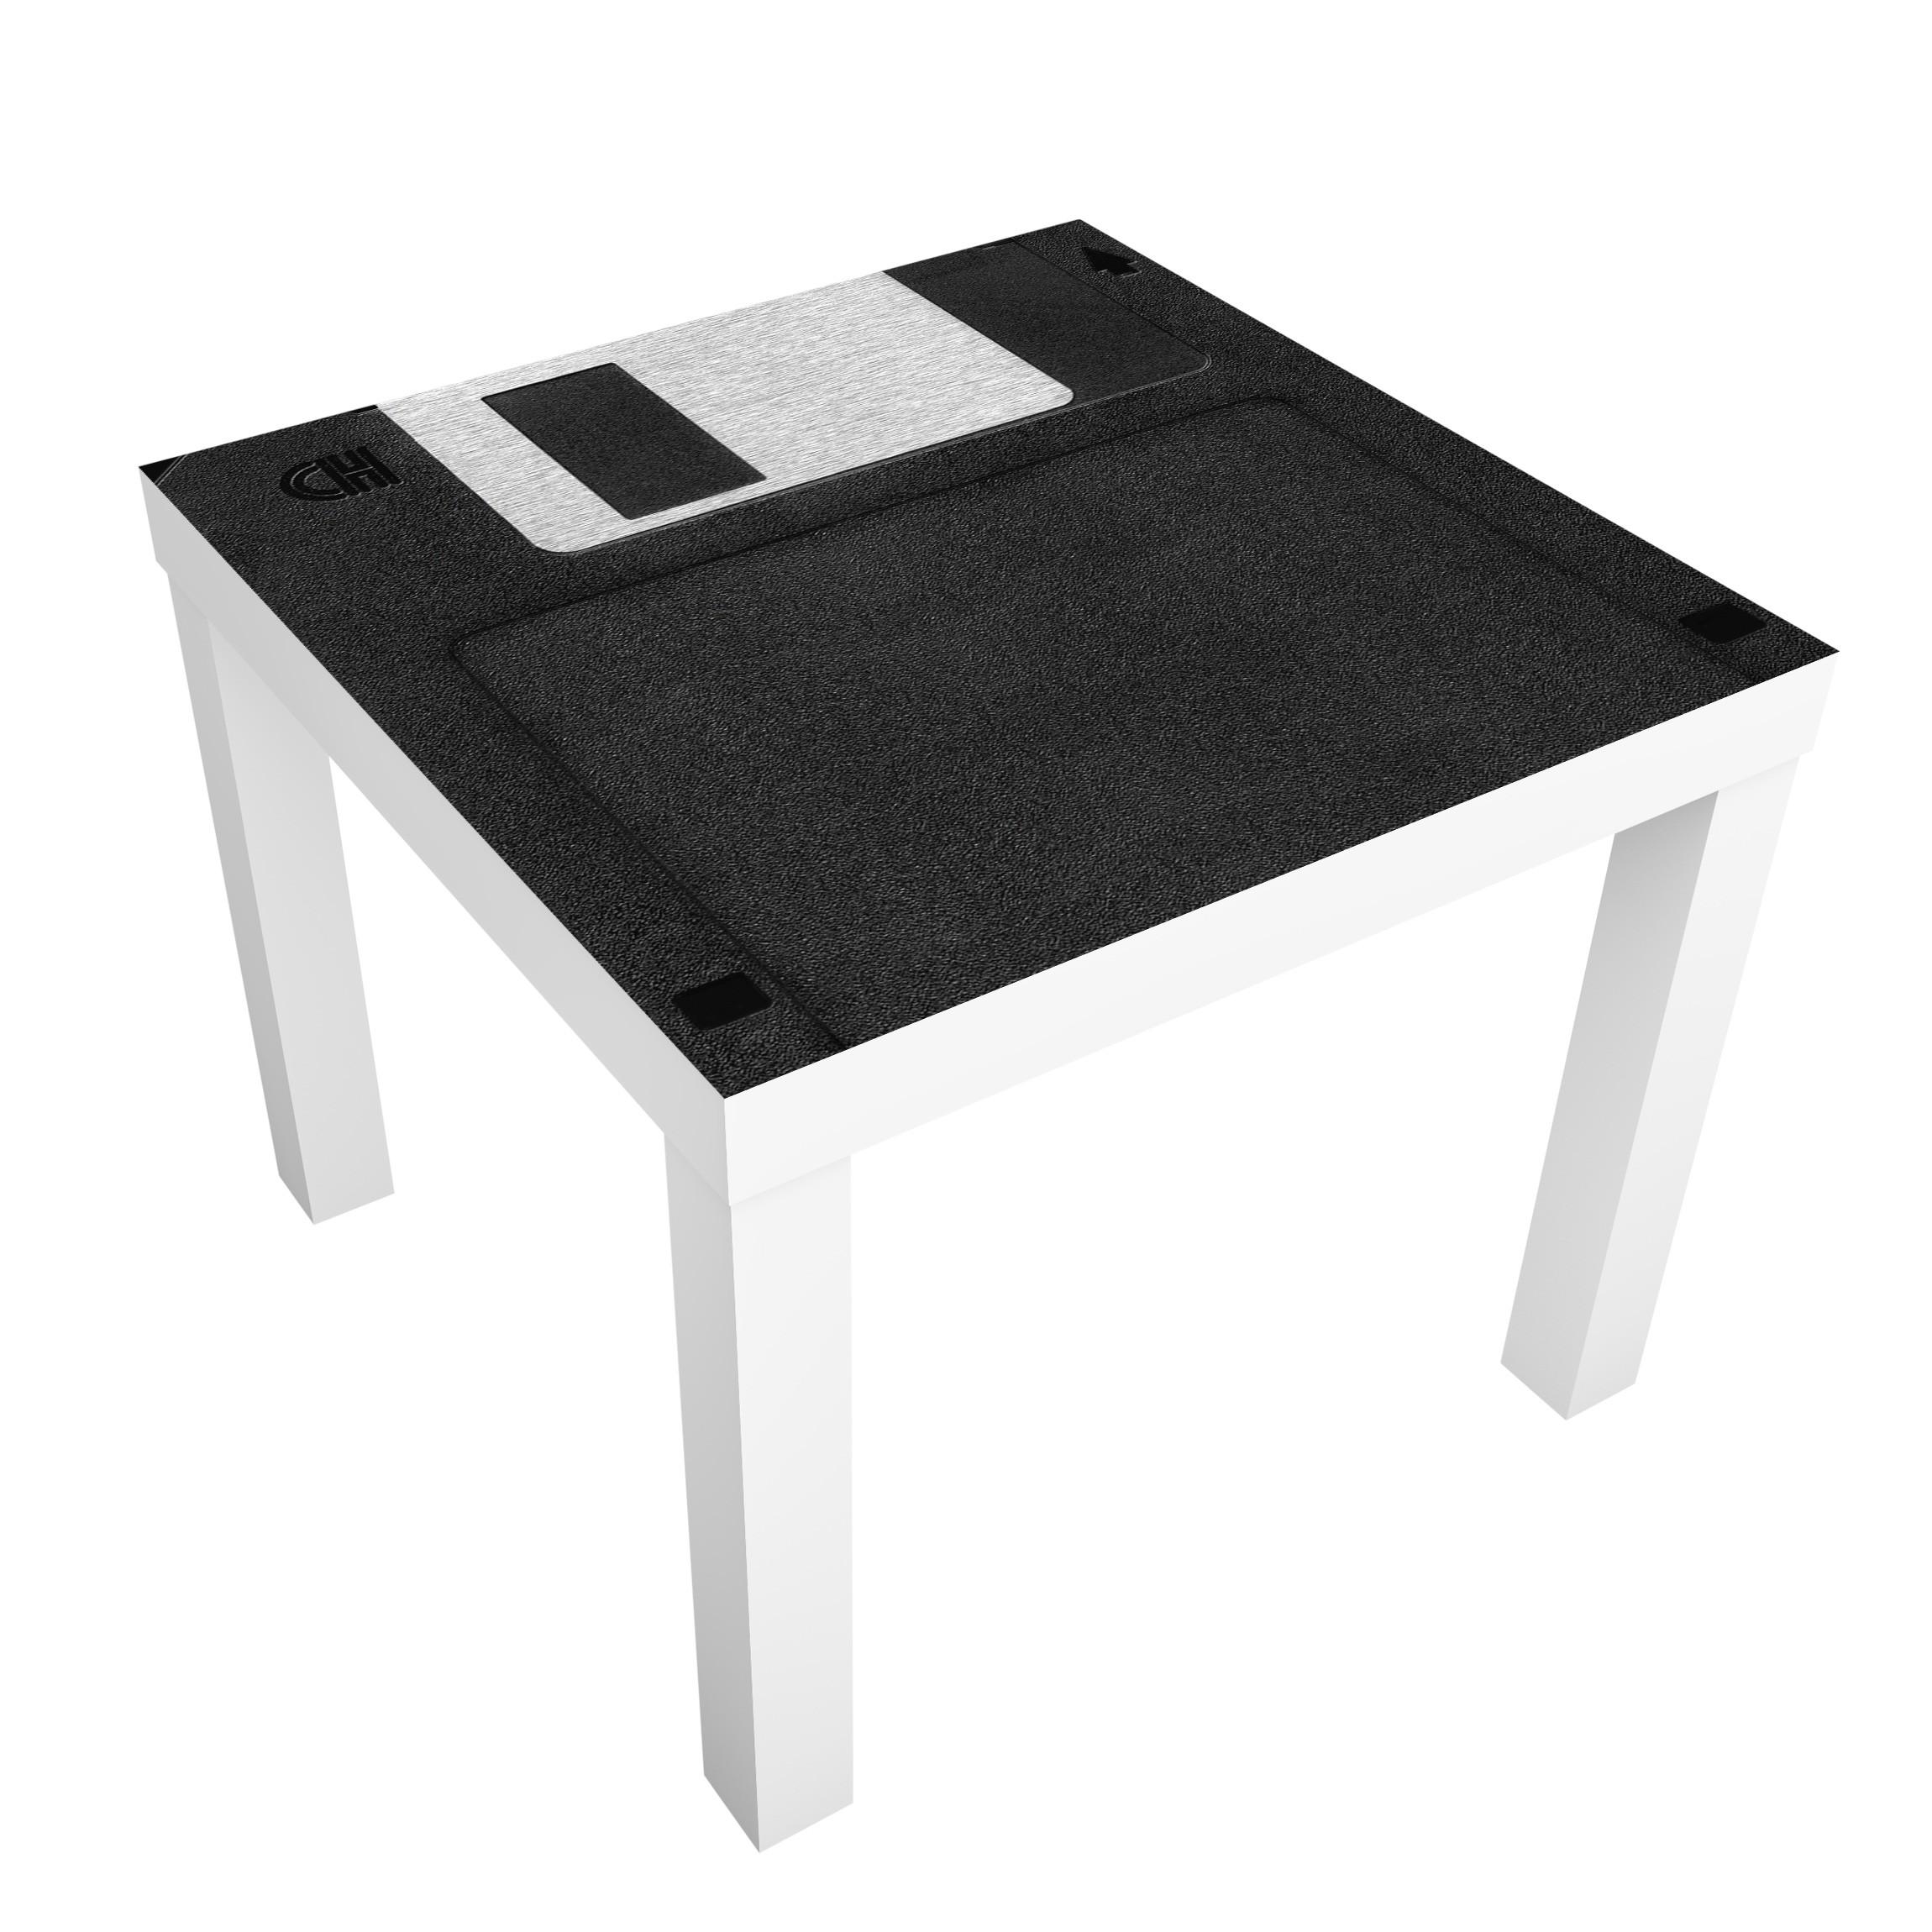 Carta adesiva per mobili ikea lack tavolino floppy disk for Mobili per computer ikea